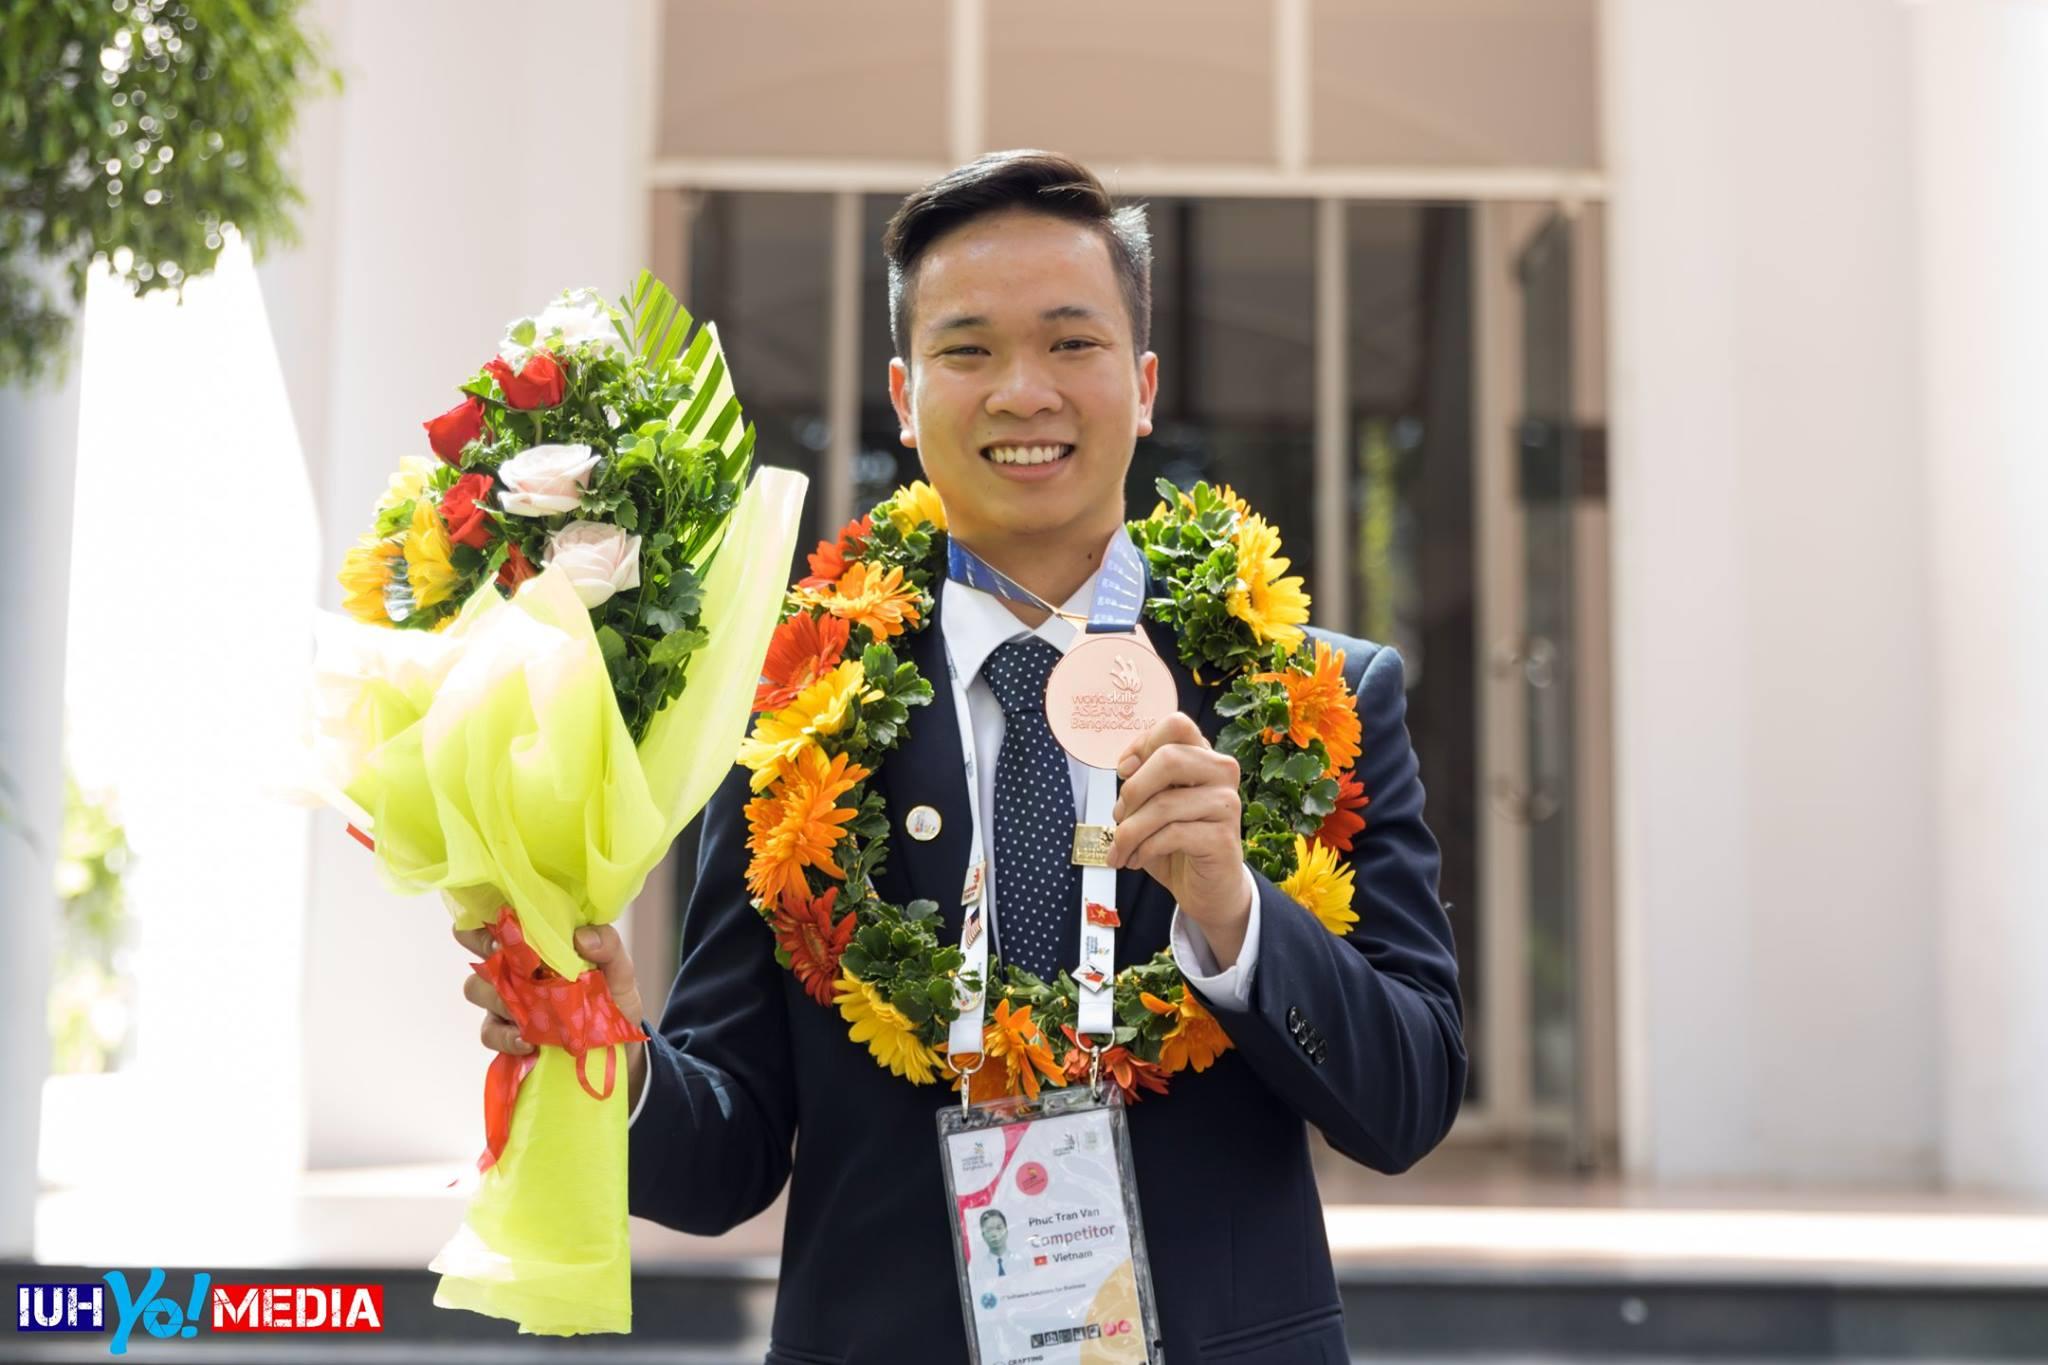 Sinh viên Trường Đại học Công nghiệp TP.HCM nhận Giải thưởng Công nghệ thông tin và truyền thông năm 2018